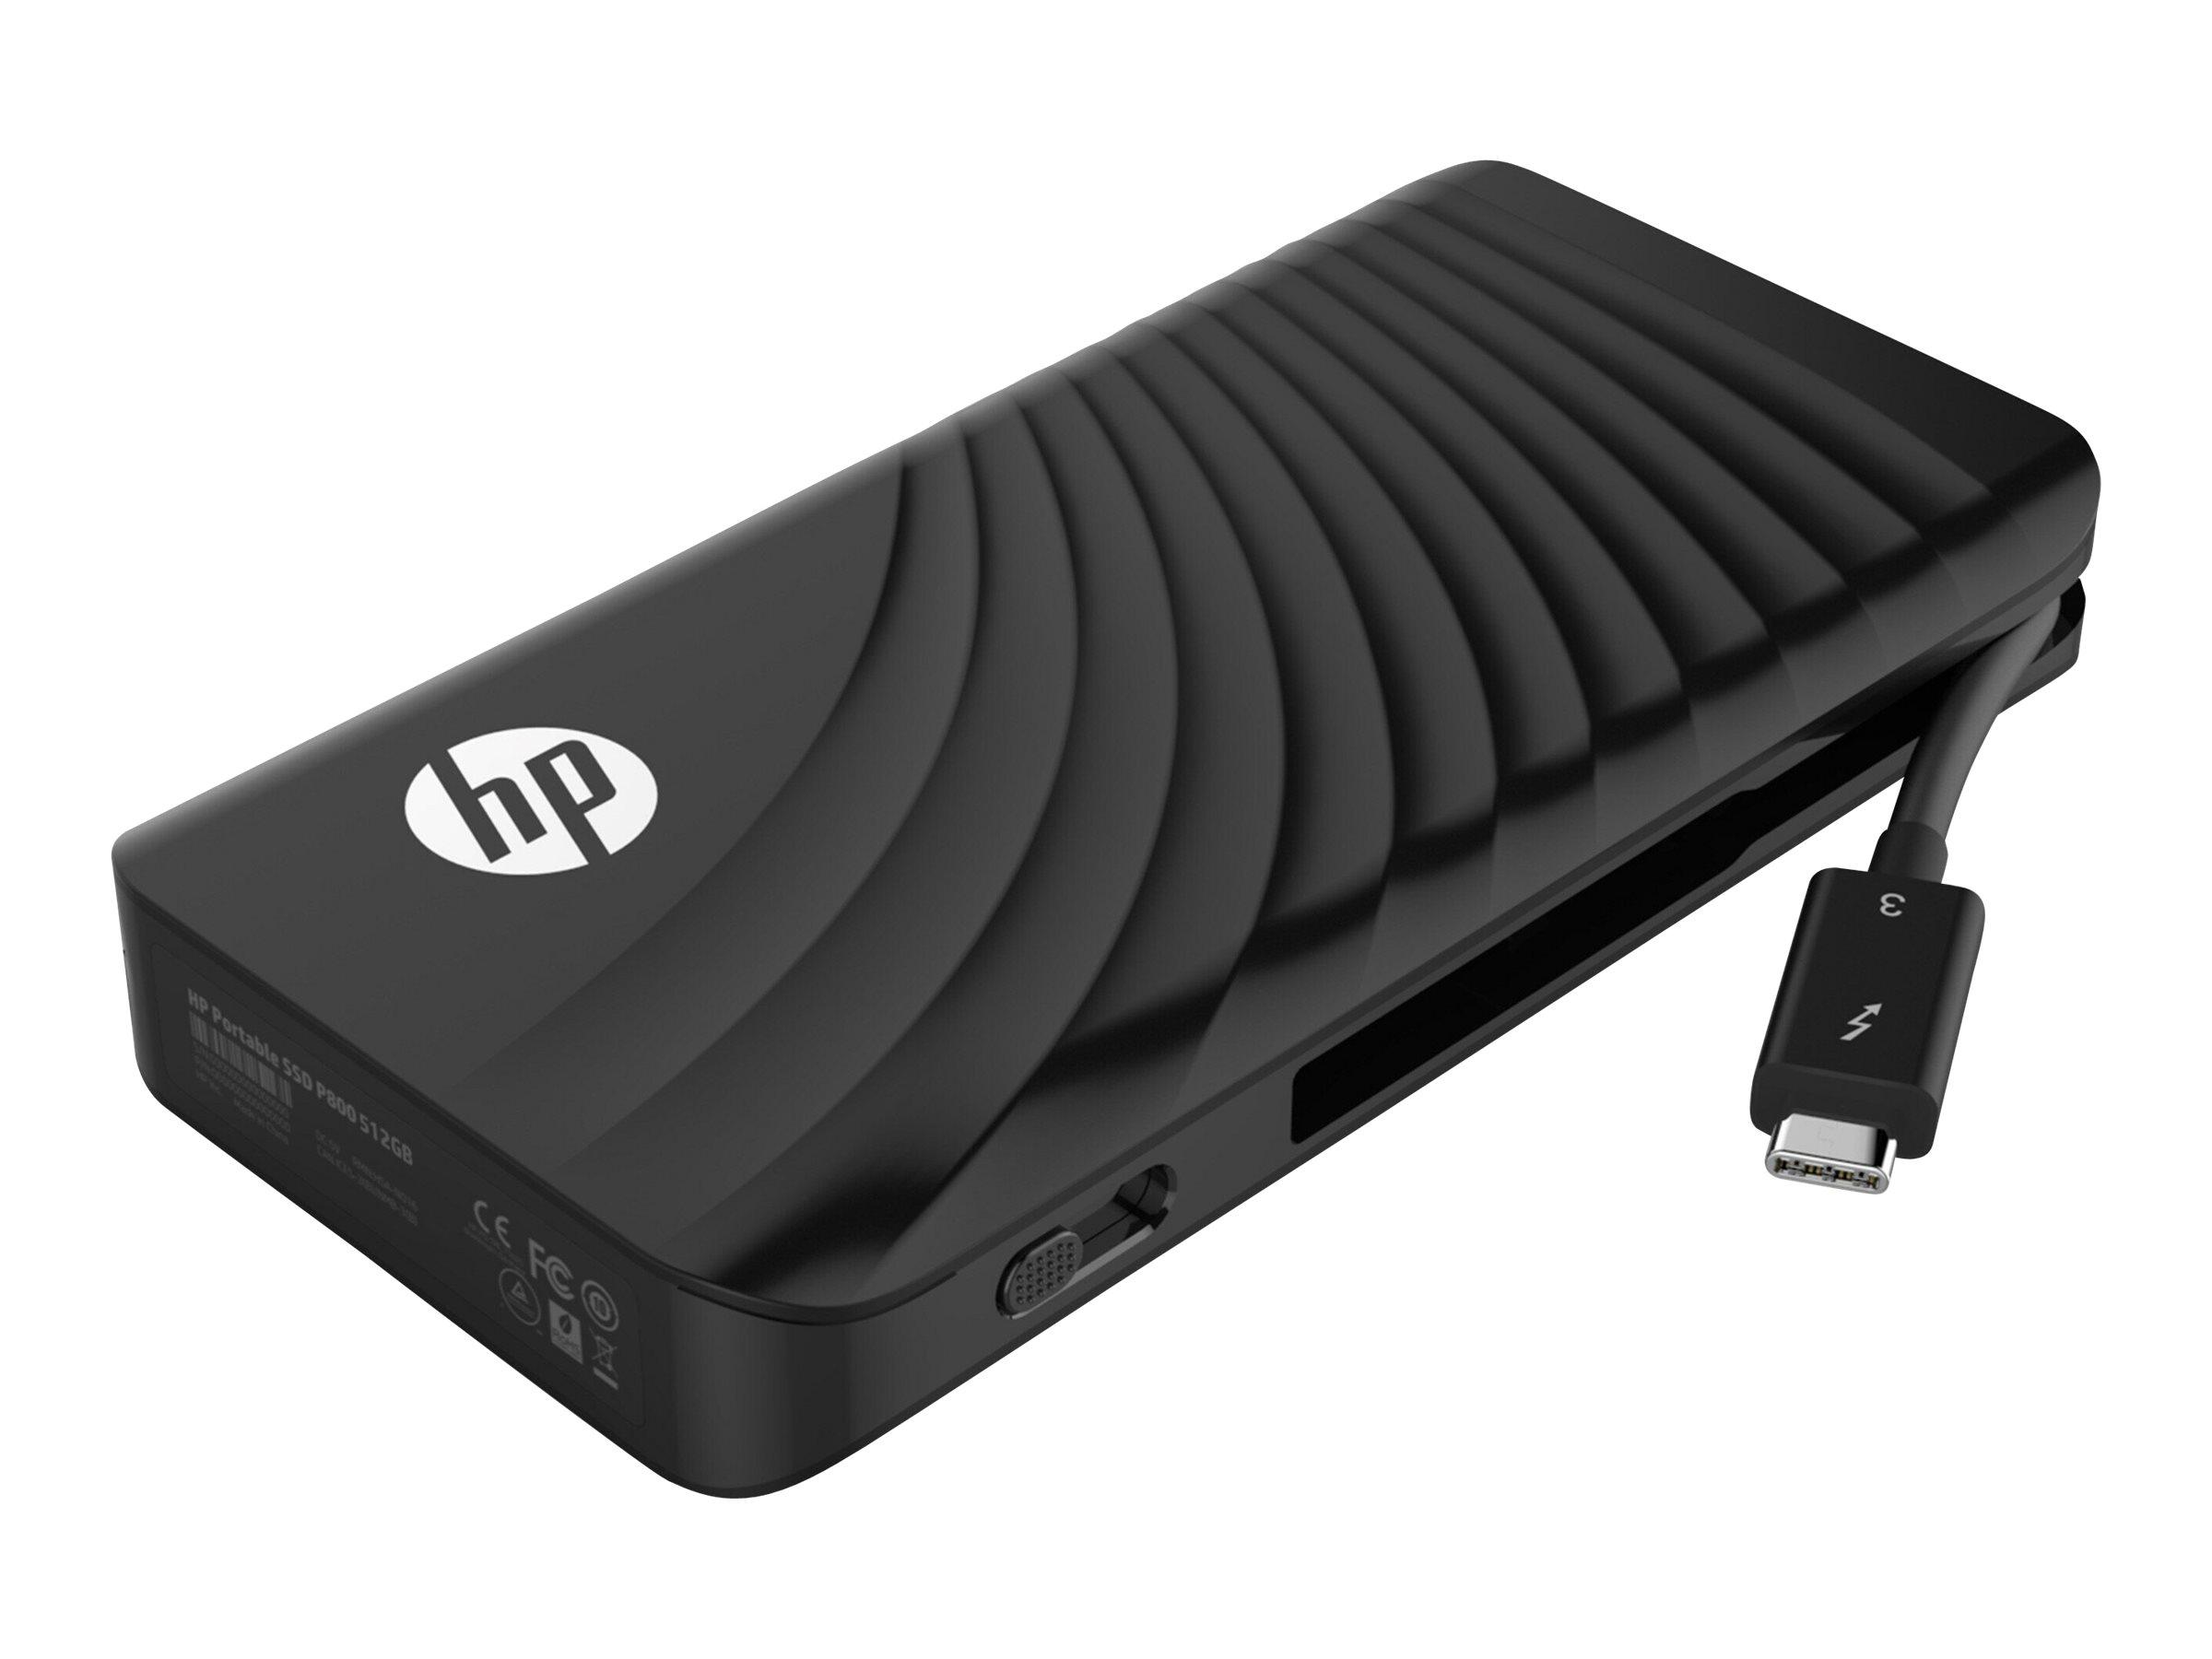 HP P800 - 512 GB SSD - extern (tragbar)